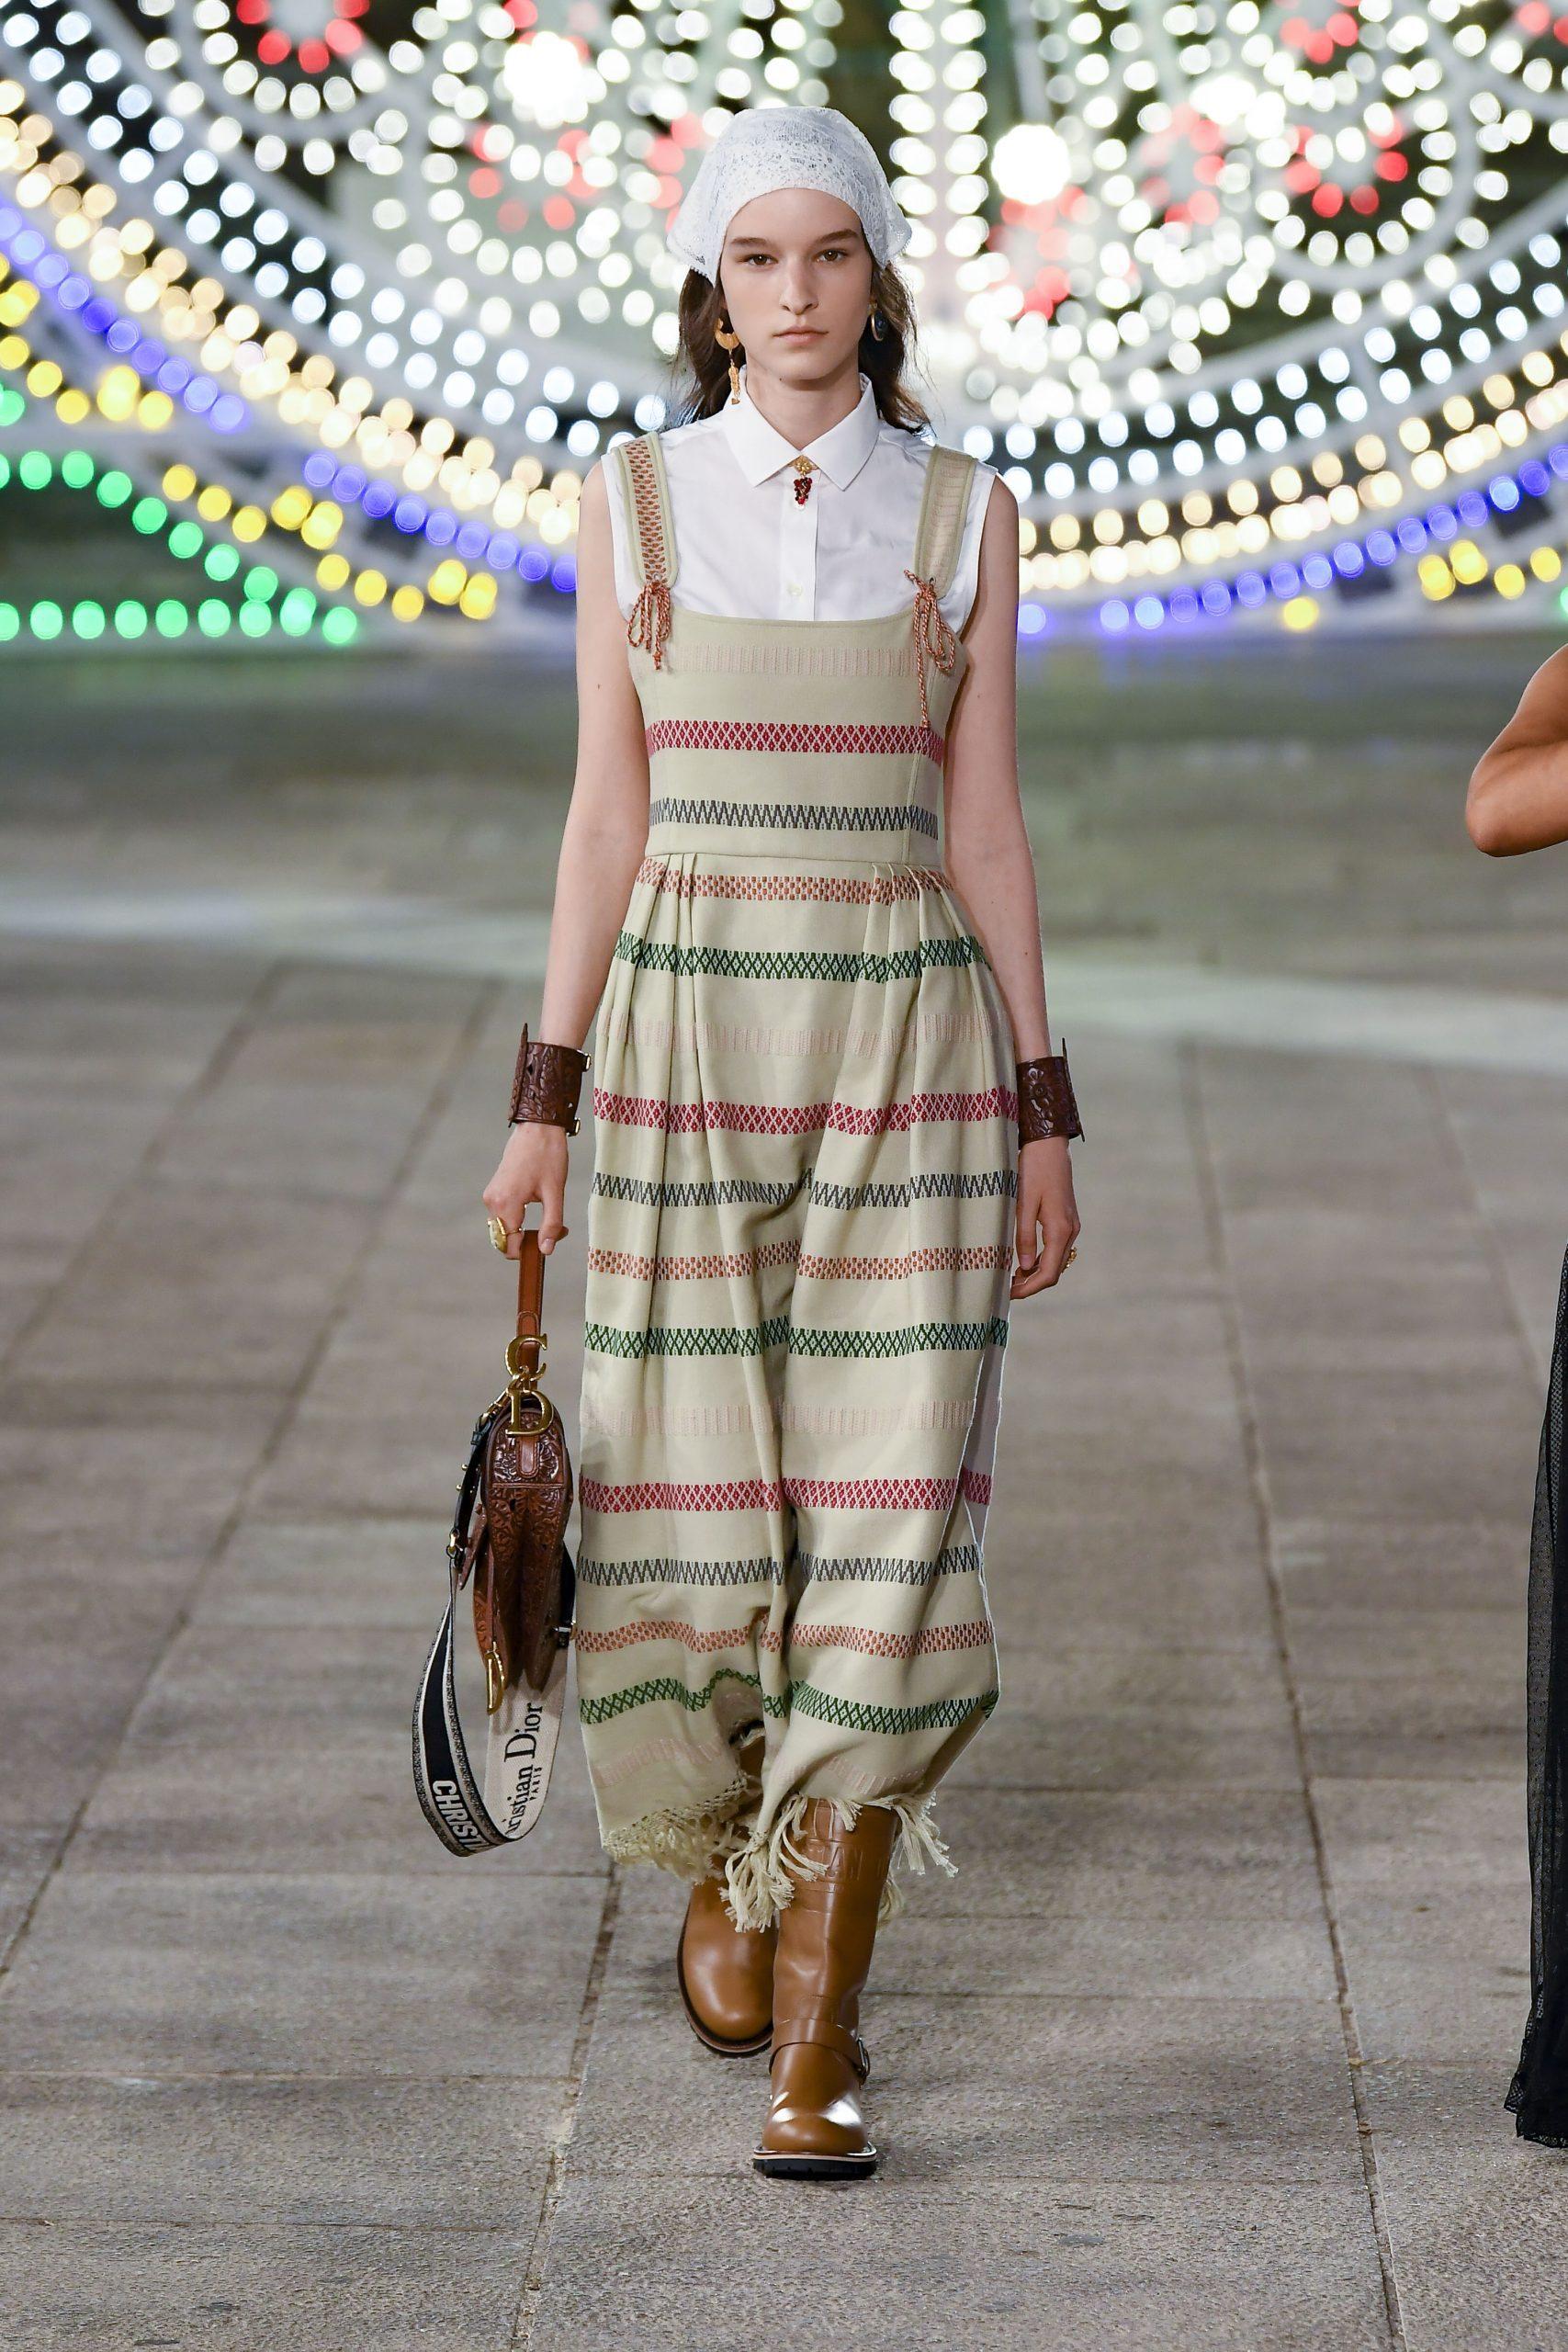 Ρίγες: Ένα κλασικό μοτίβο που δεν λείπει ποτέ από τα fashion trends